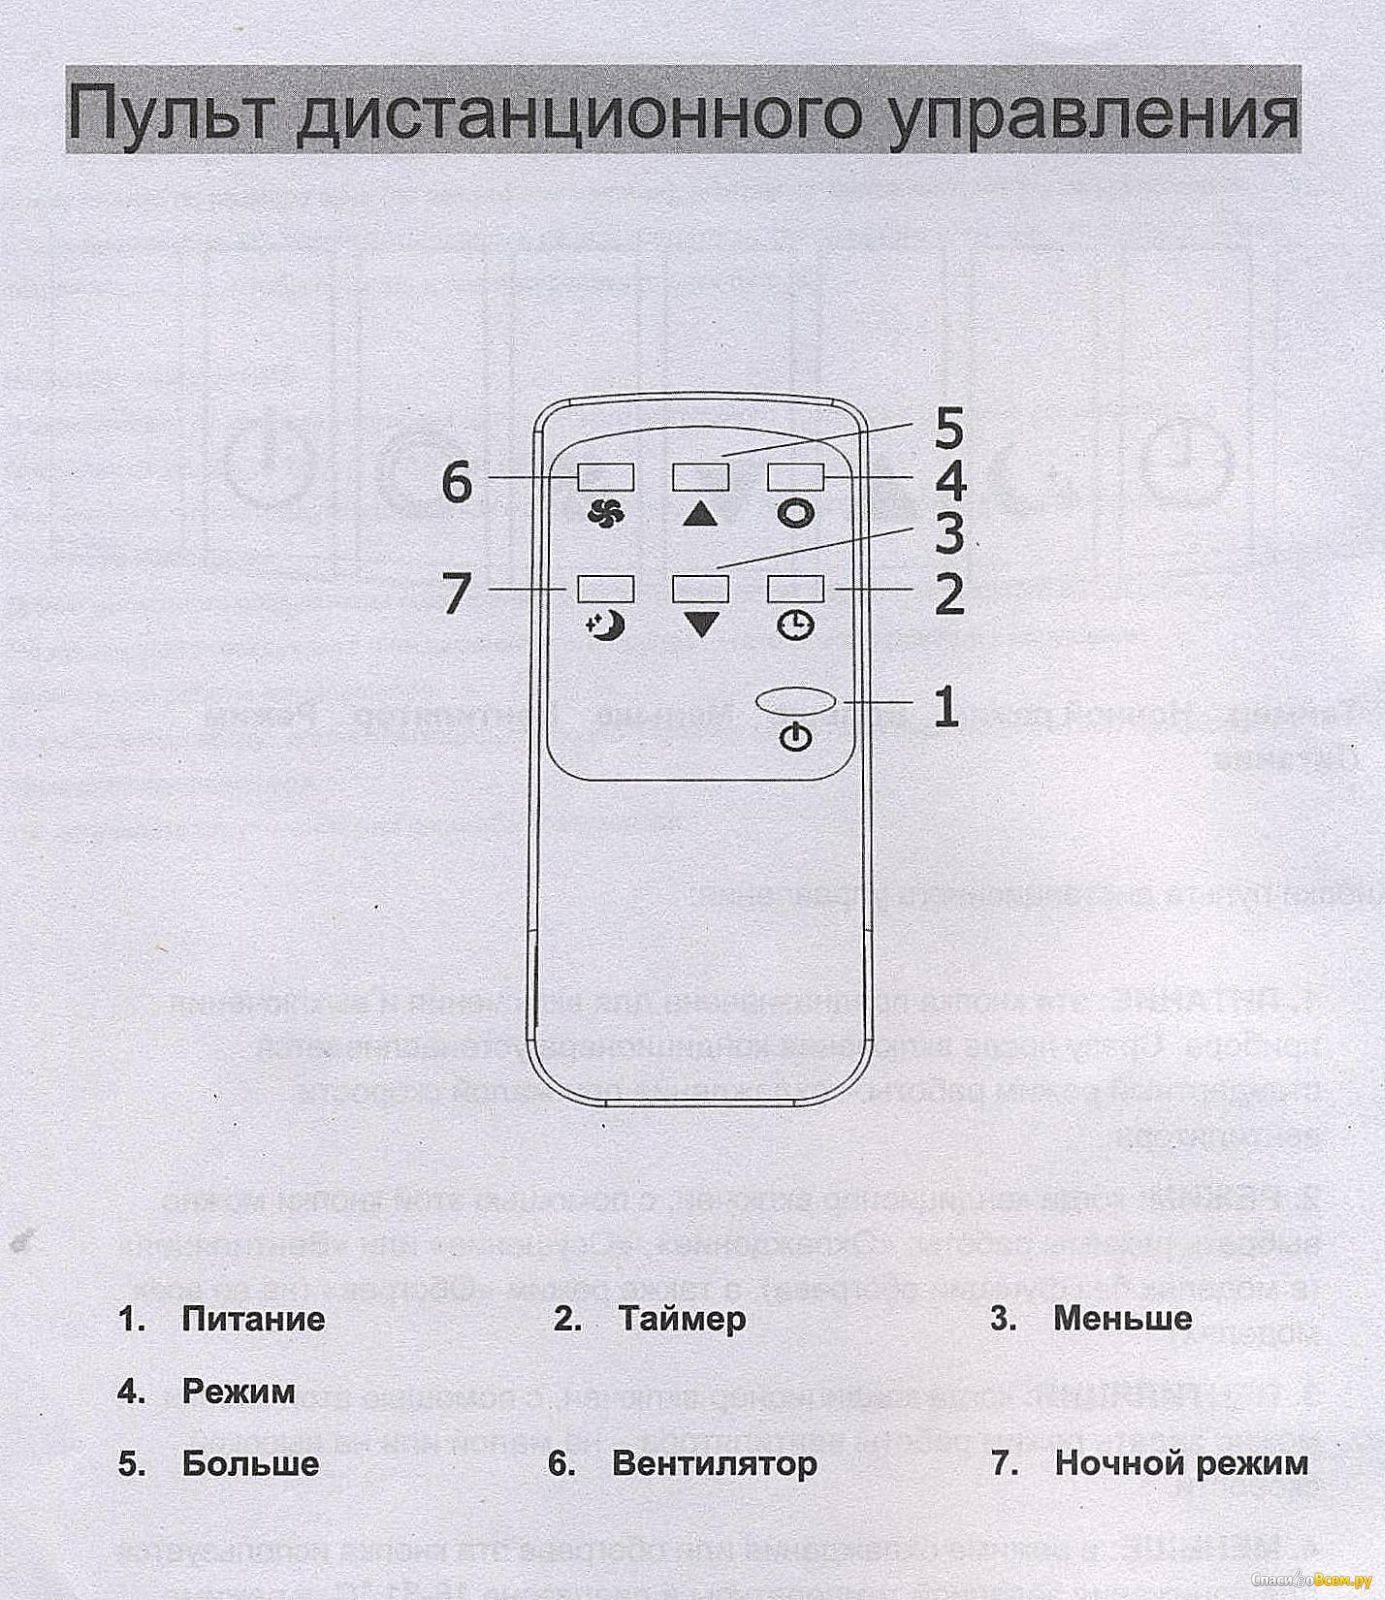 Мобильный кондиционер beko bkg-09c: отзывы, описание модели, характеристики, цена, обзор, сравнение, фото